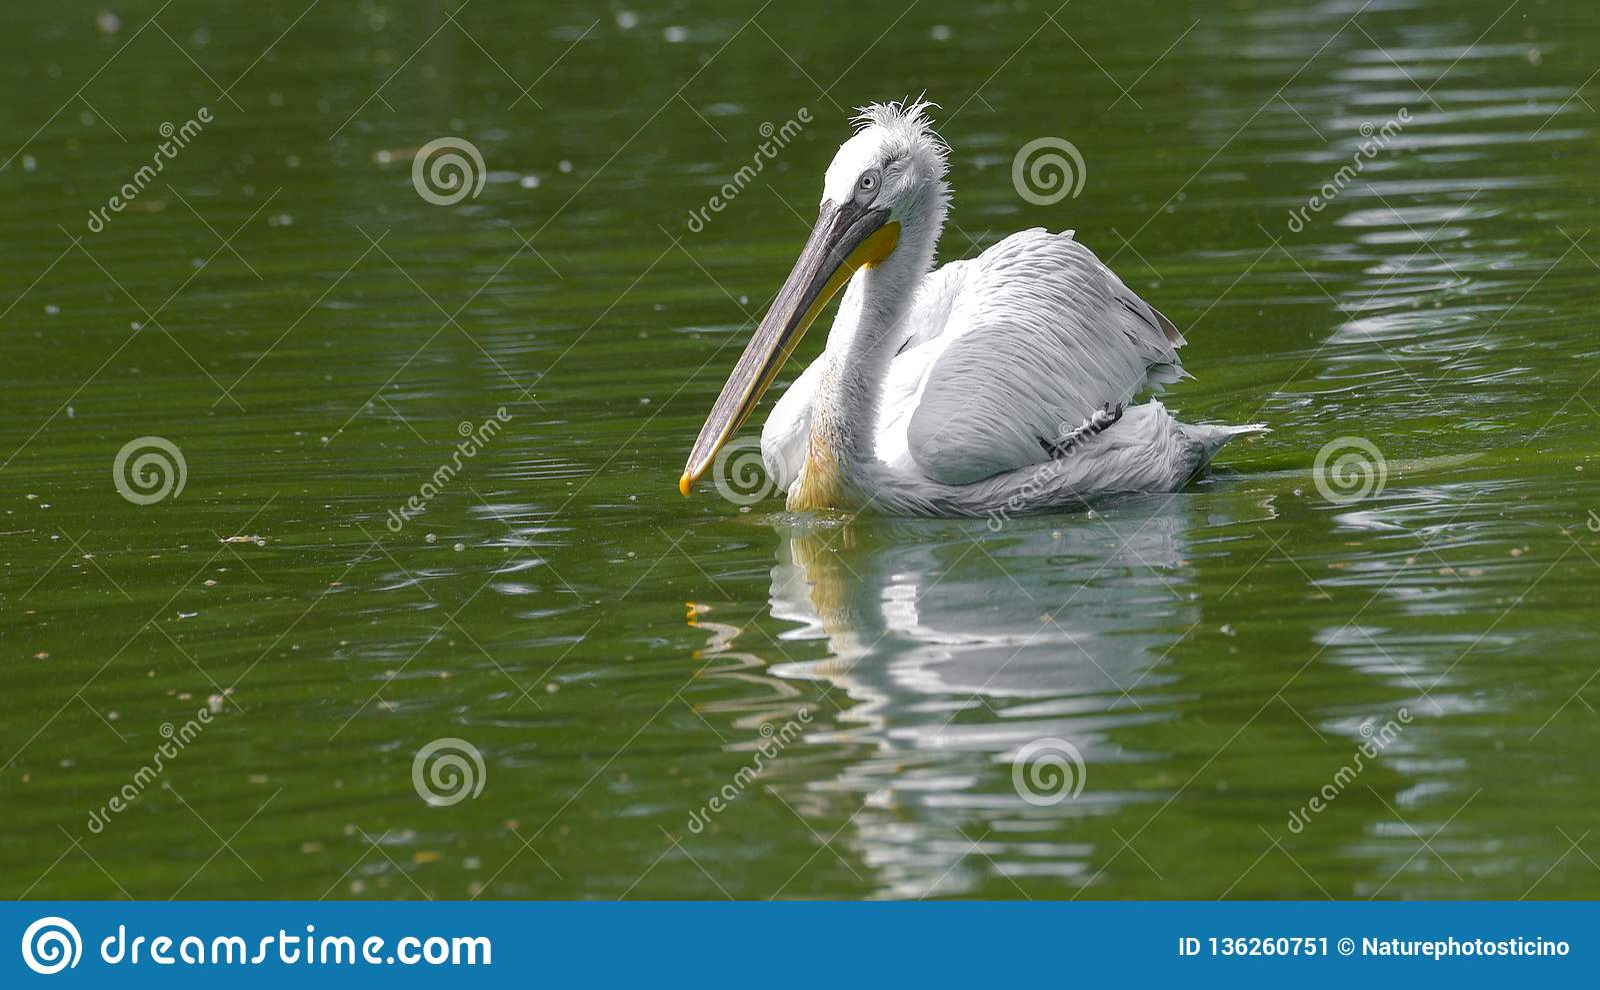 Pelikanschwimmen im Fluss